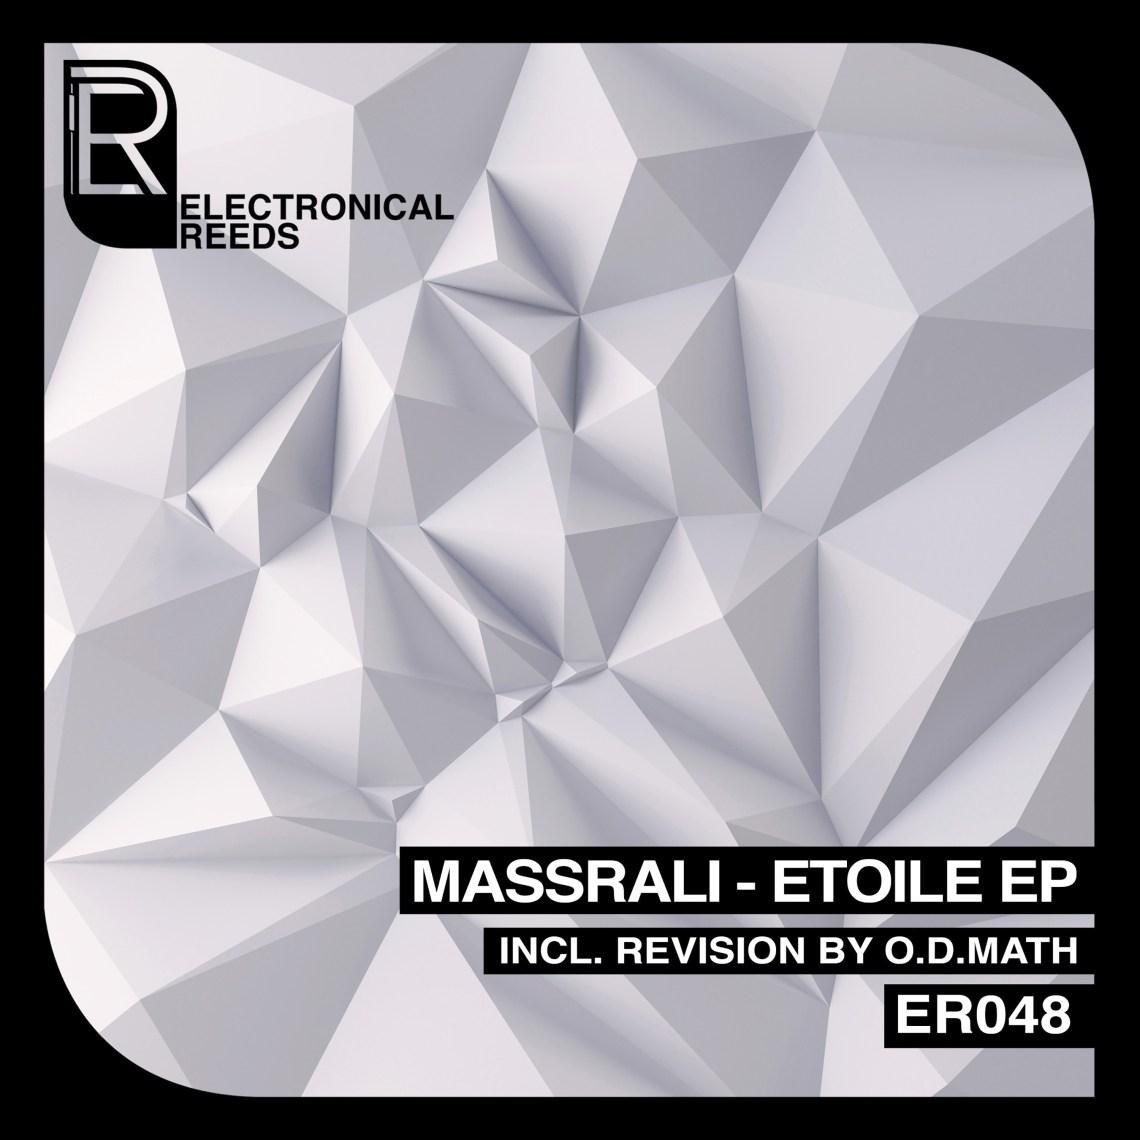 ER048 - Massrali - Etoile EP - Electronical Reeds